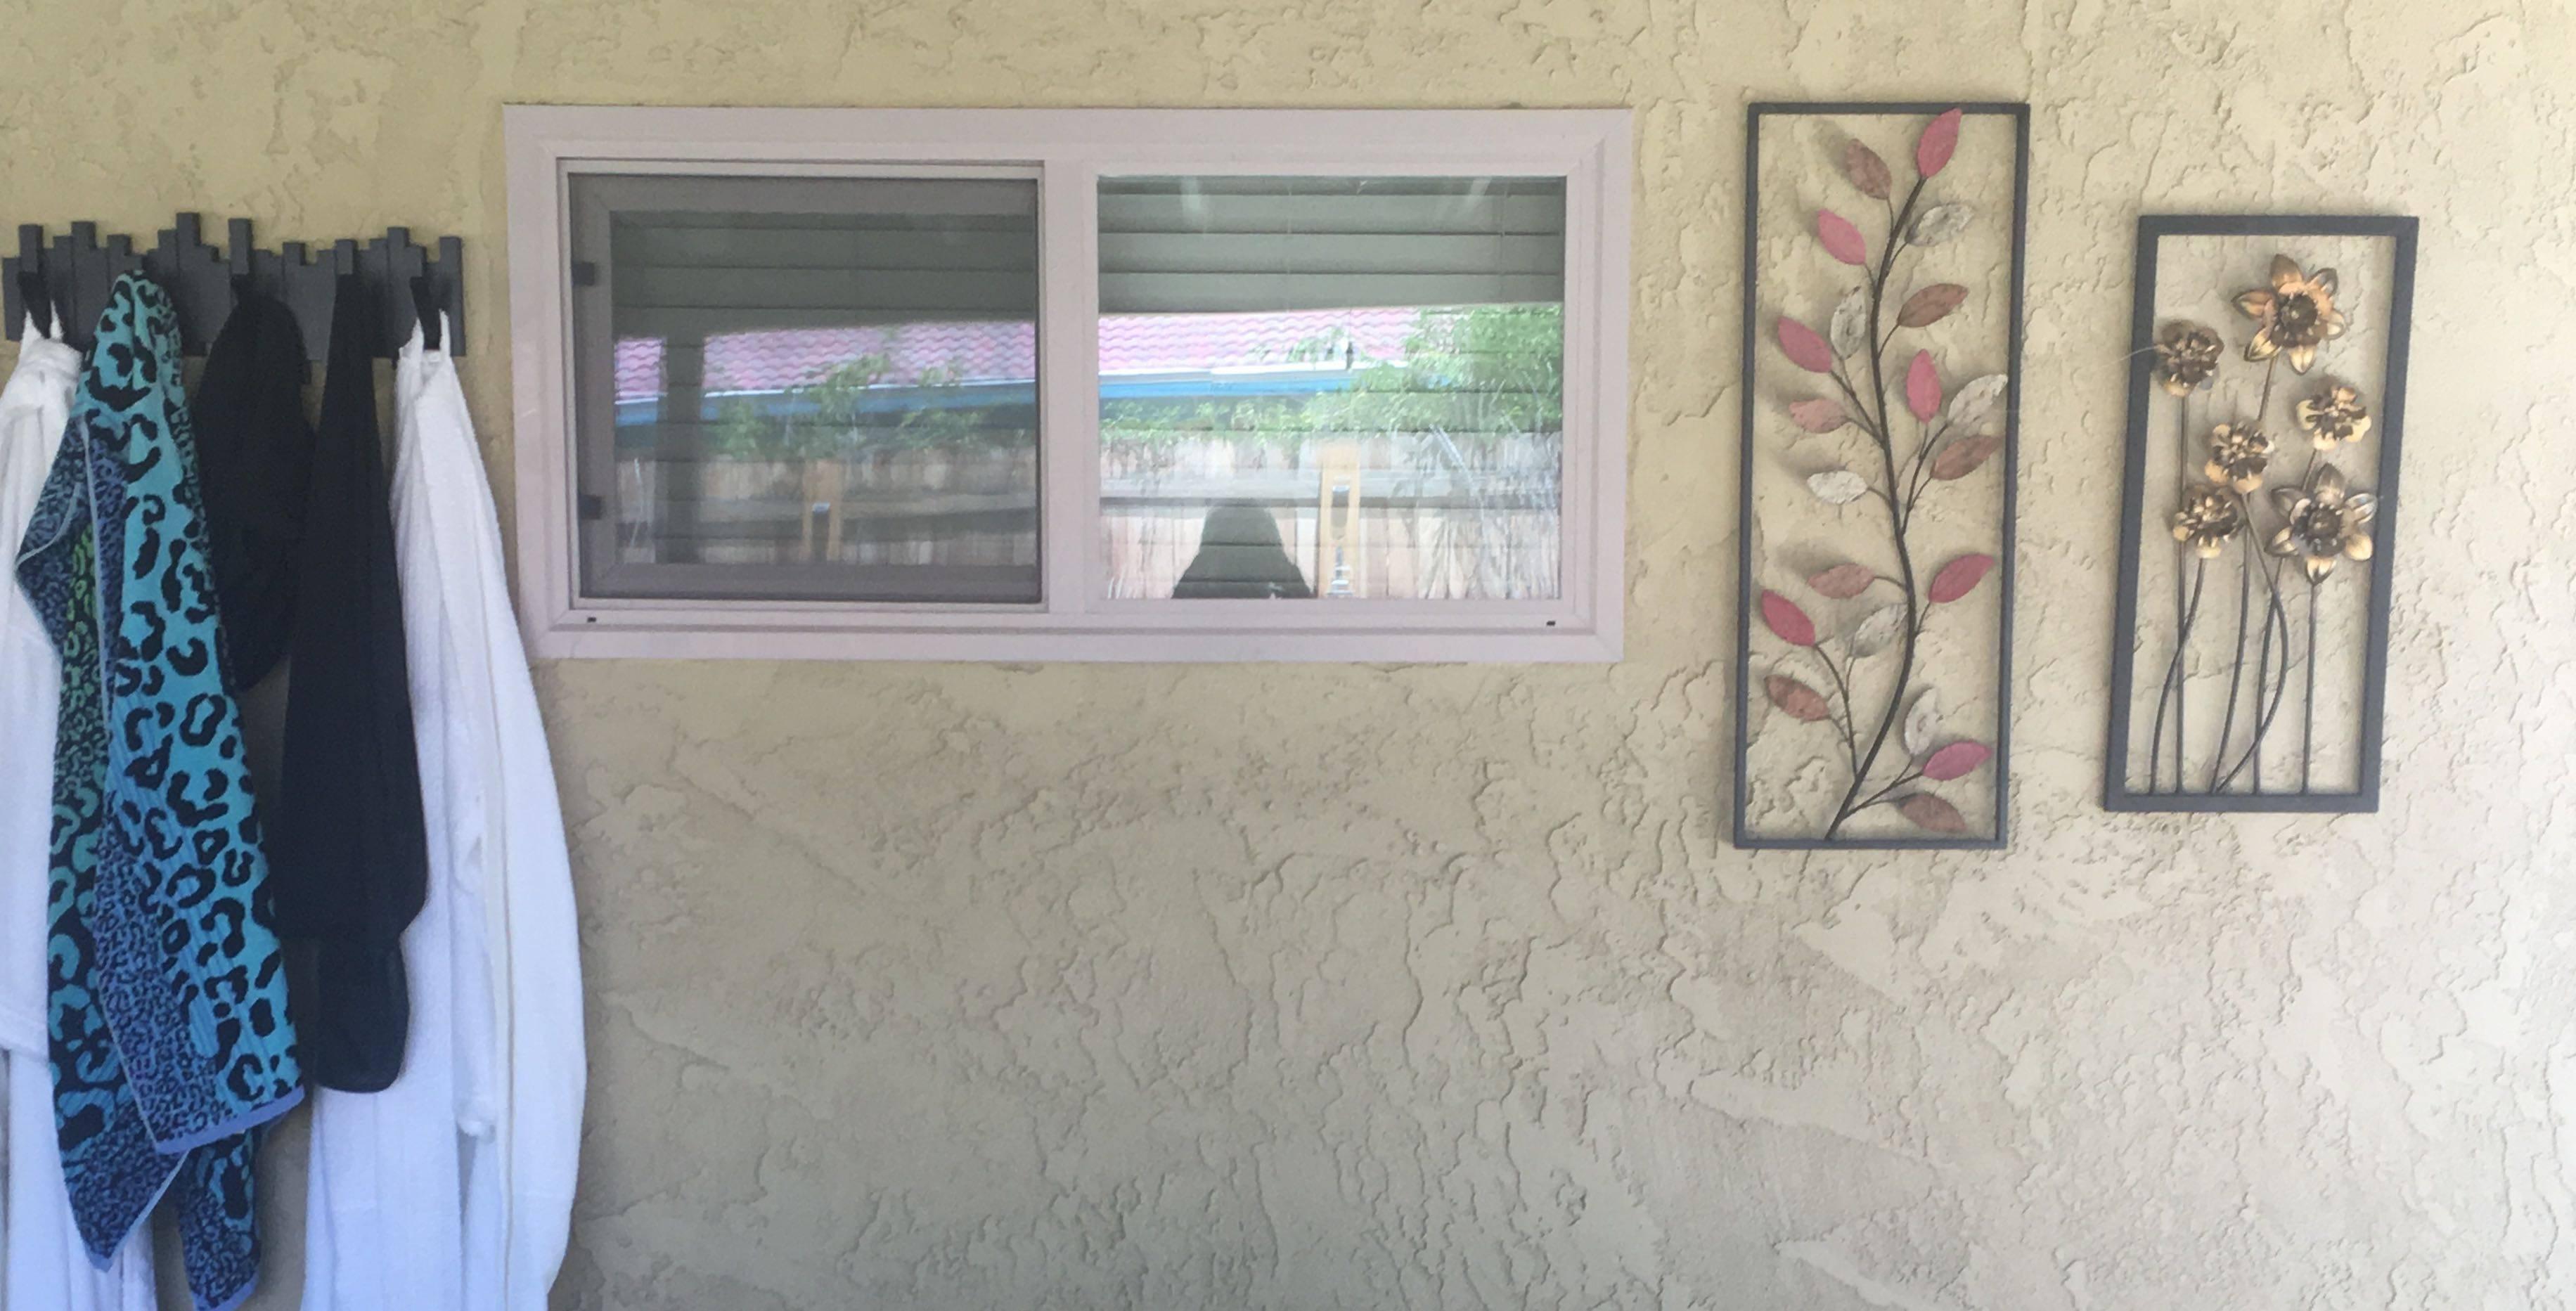 Outdoor Living Spaces   Popupbackpacker Regarding Newest Burlington Coat Factory Wall Art (View 16 of 30)